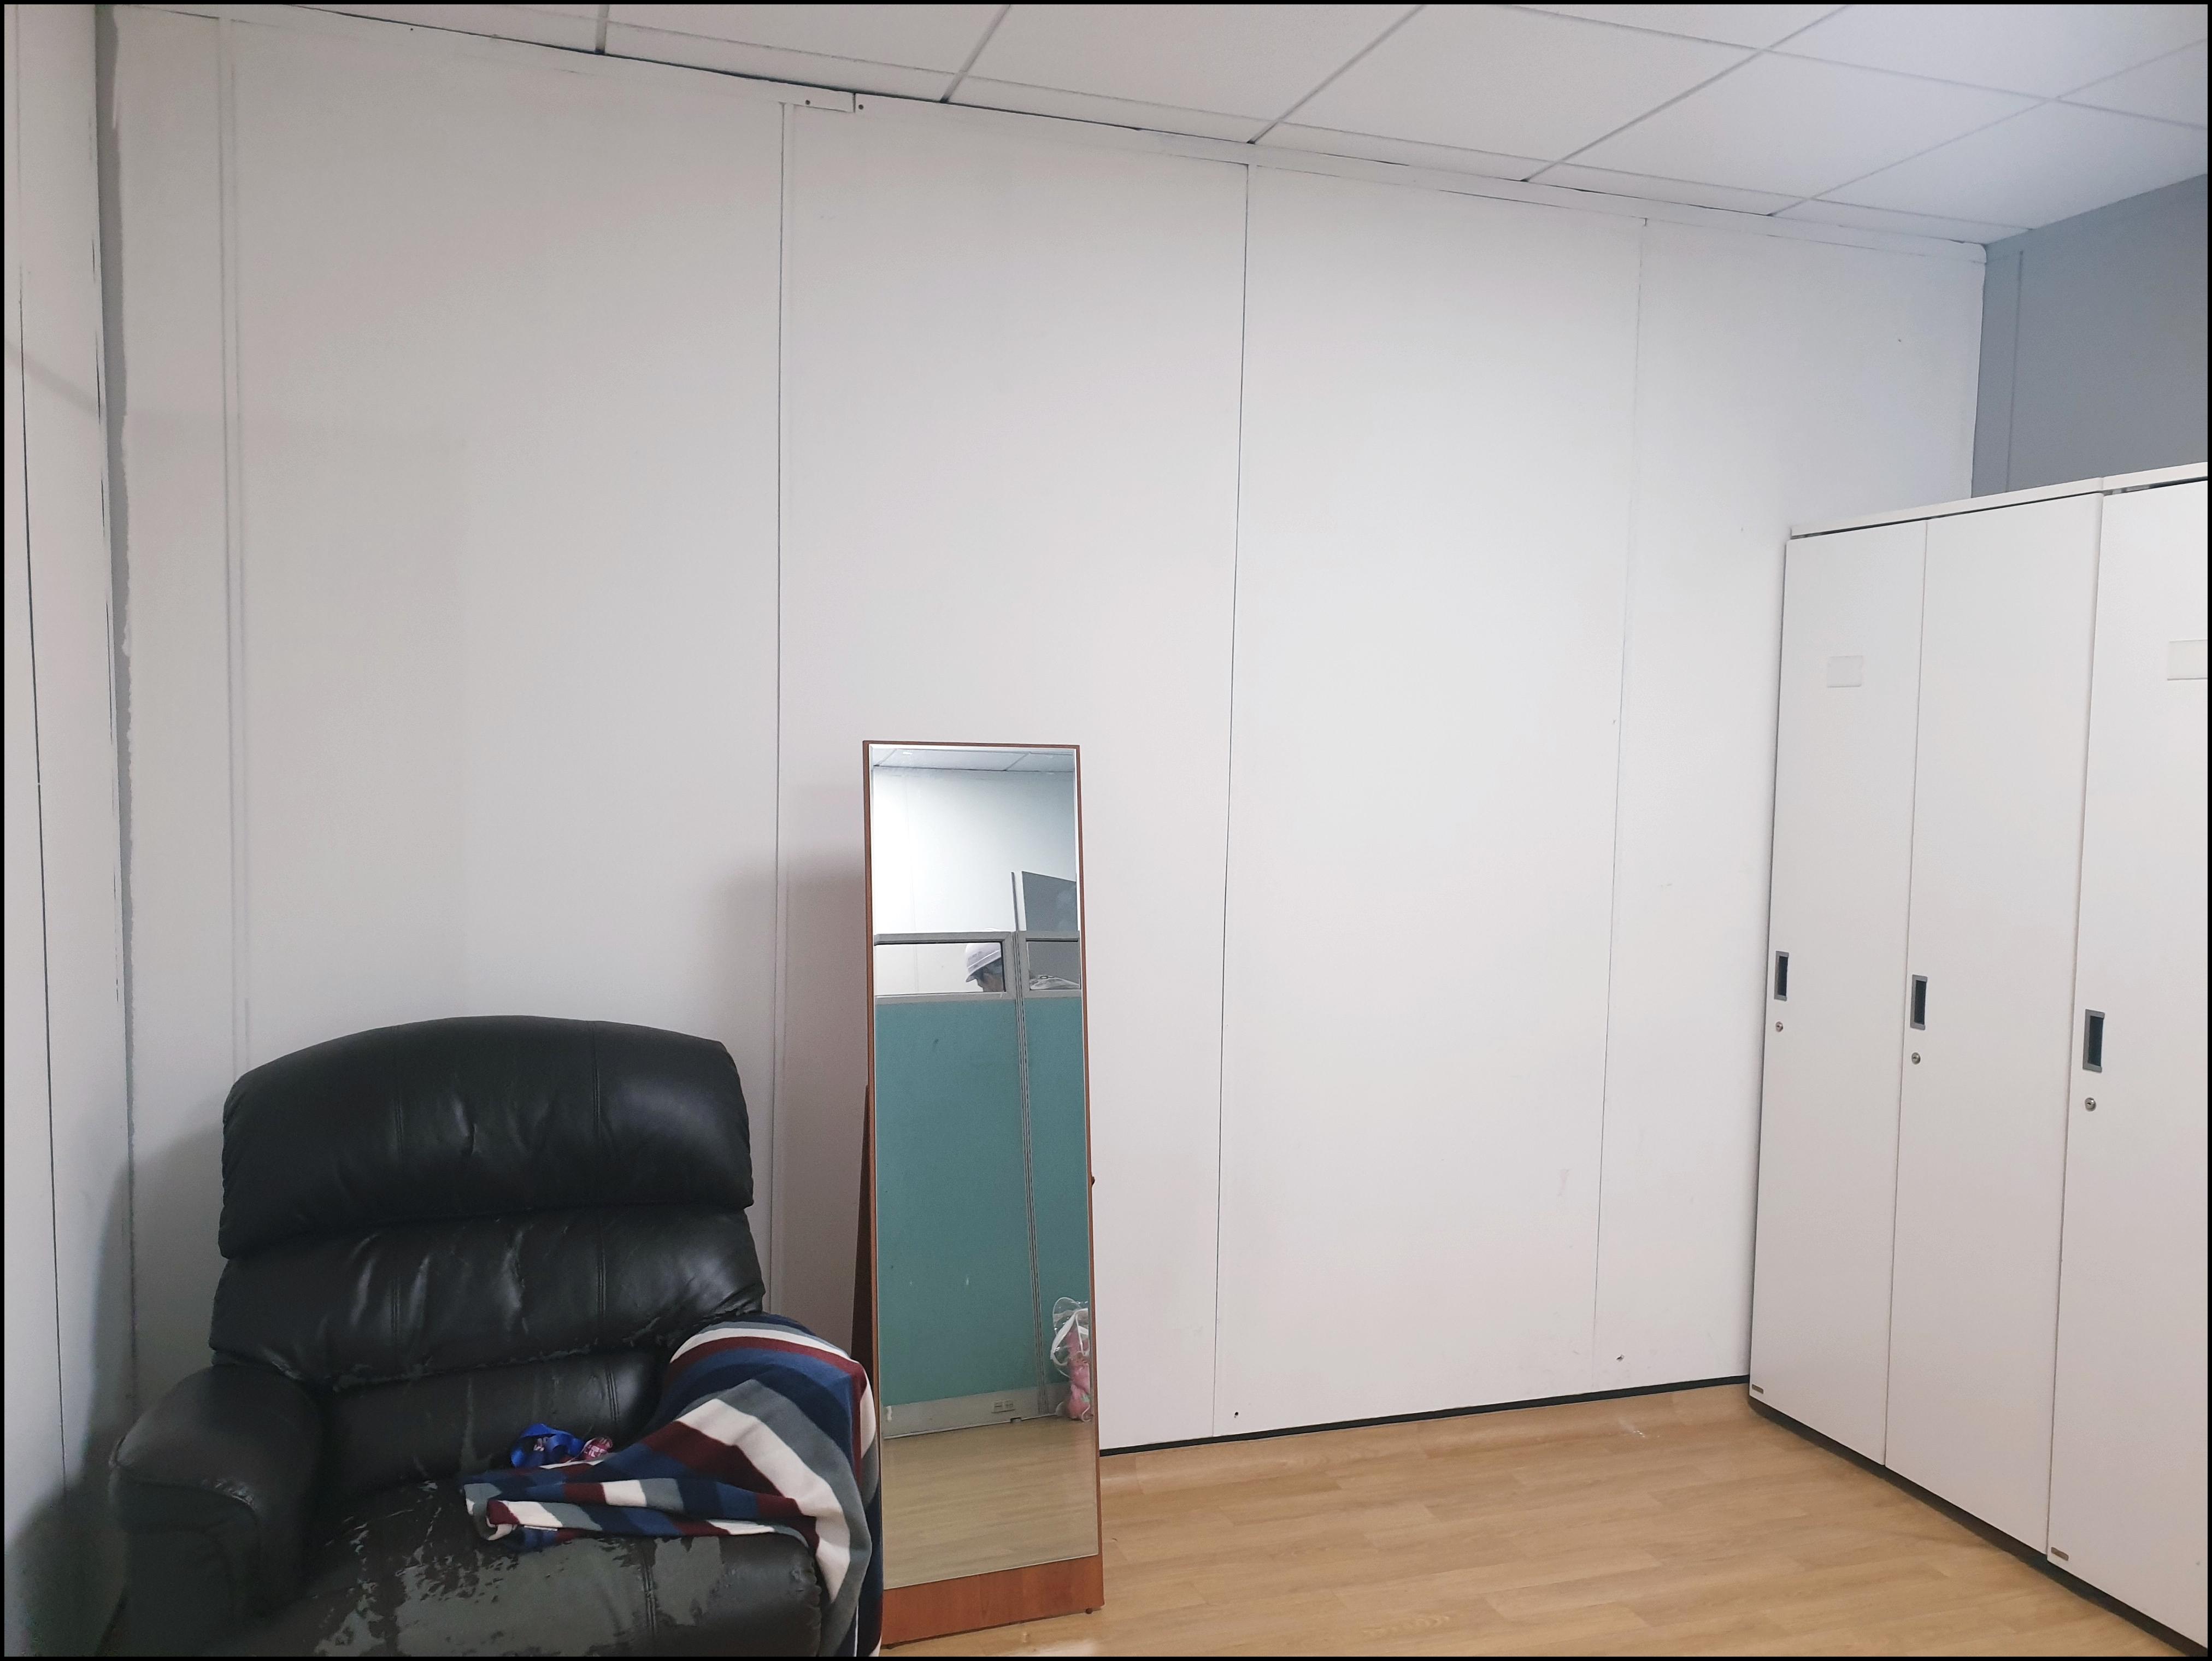 5 번째 사진 제2종 근린생활시설 에  연면적 ㎡ 일반 사무실 건물 석면조사 현장